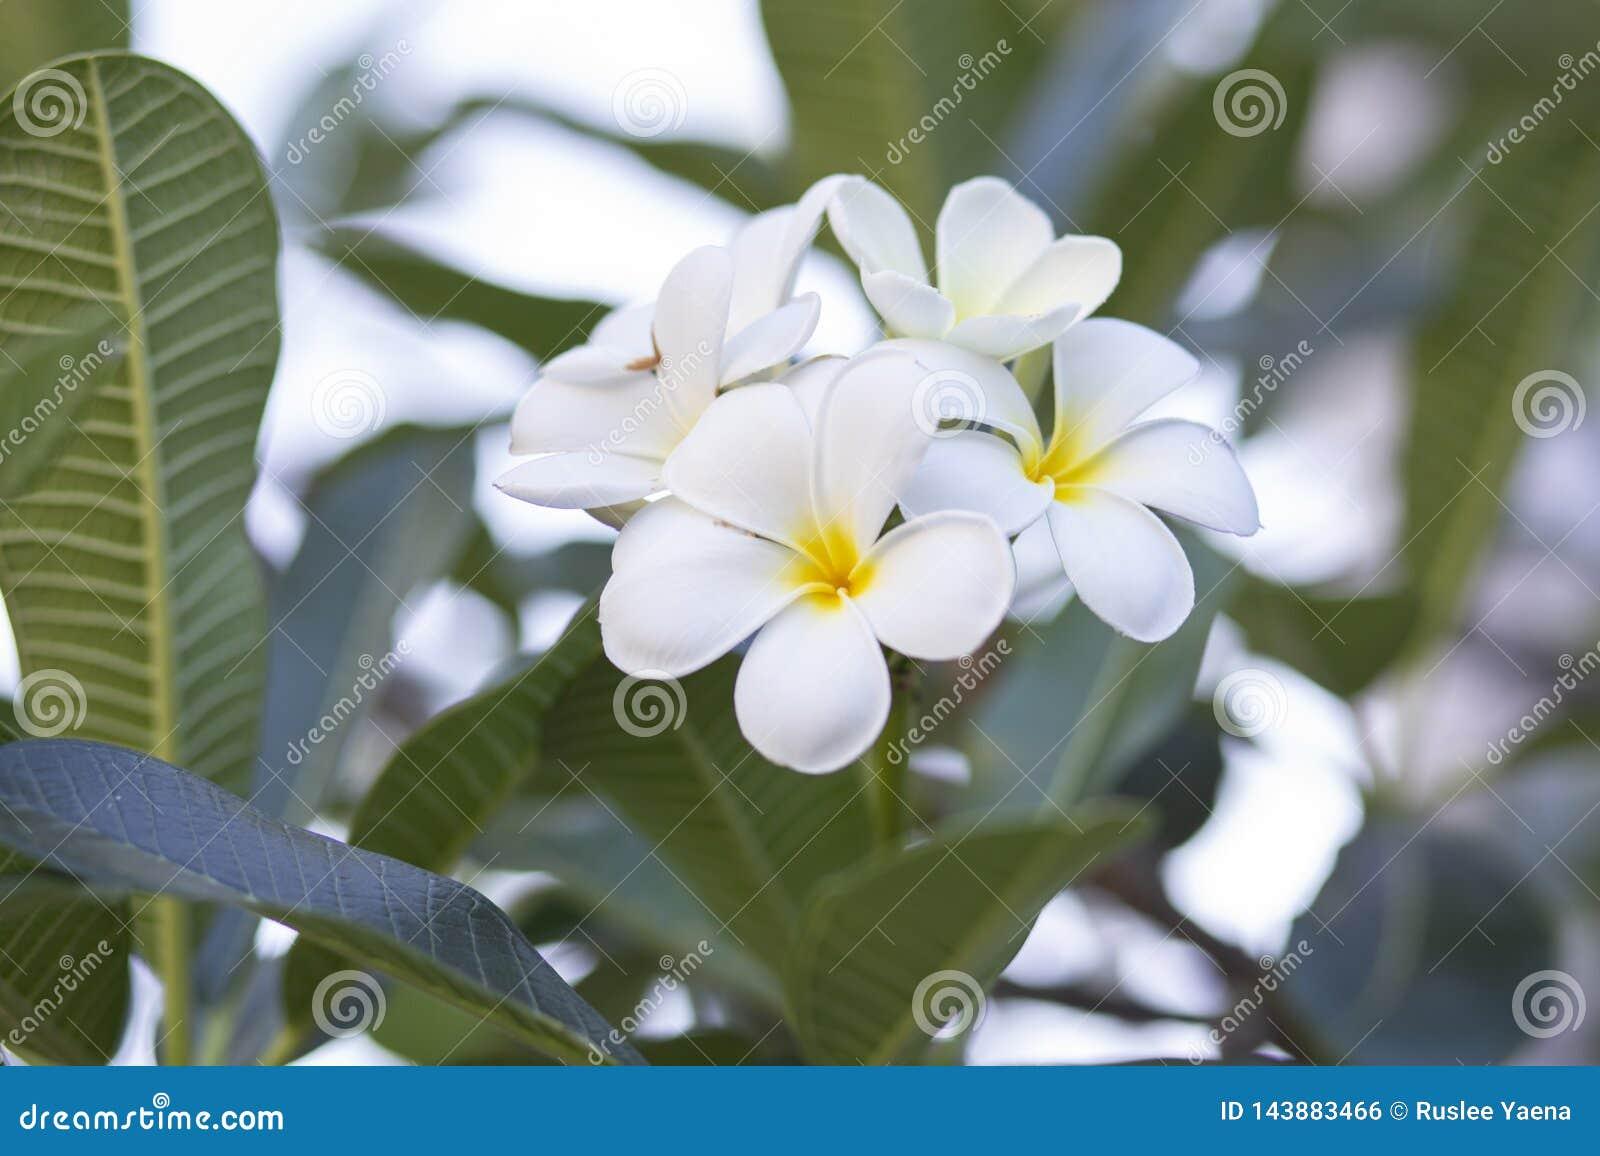 Frangipani bloeit het mooie wit en de bladeren van Frangipani, concept: Kuuroordaroma het Ontspannen Parfumsymbolen, a-boeket van